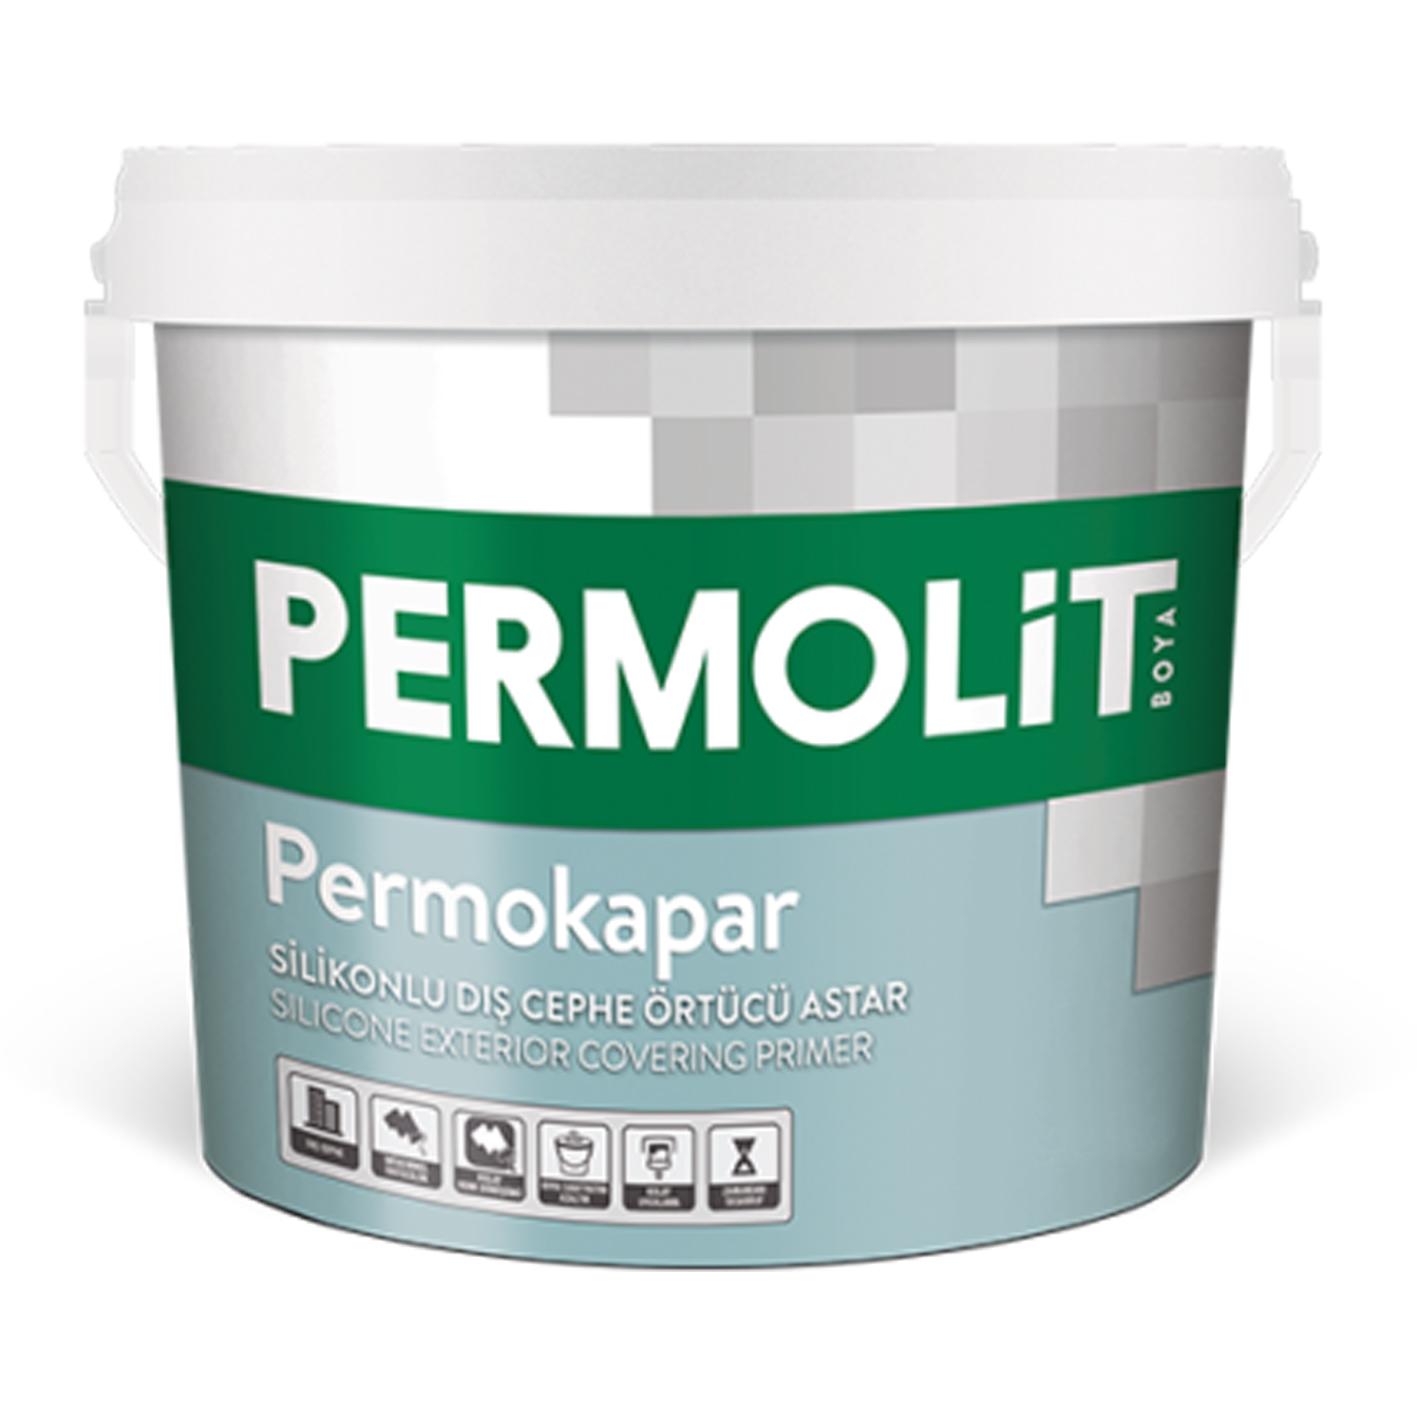 Permolit Permokapar Silikonlu Dış Cephe Astarı 3.5Kg